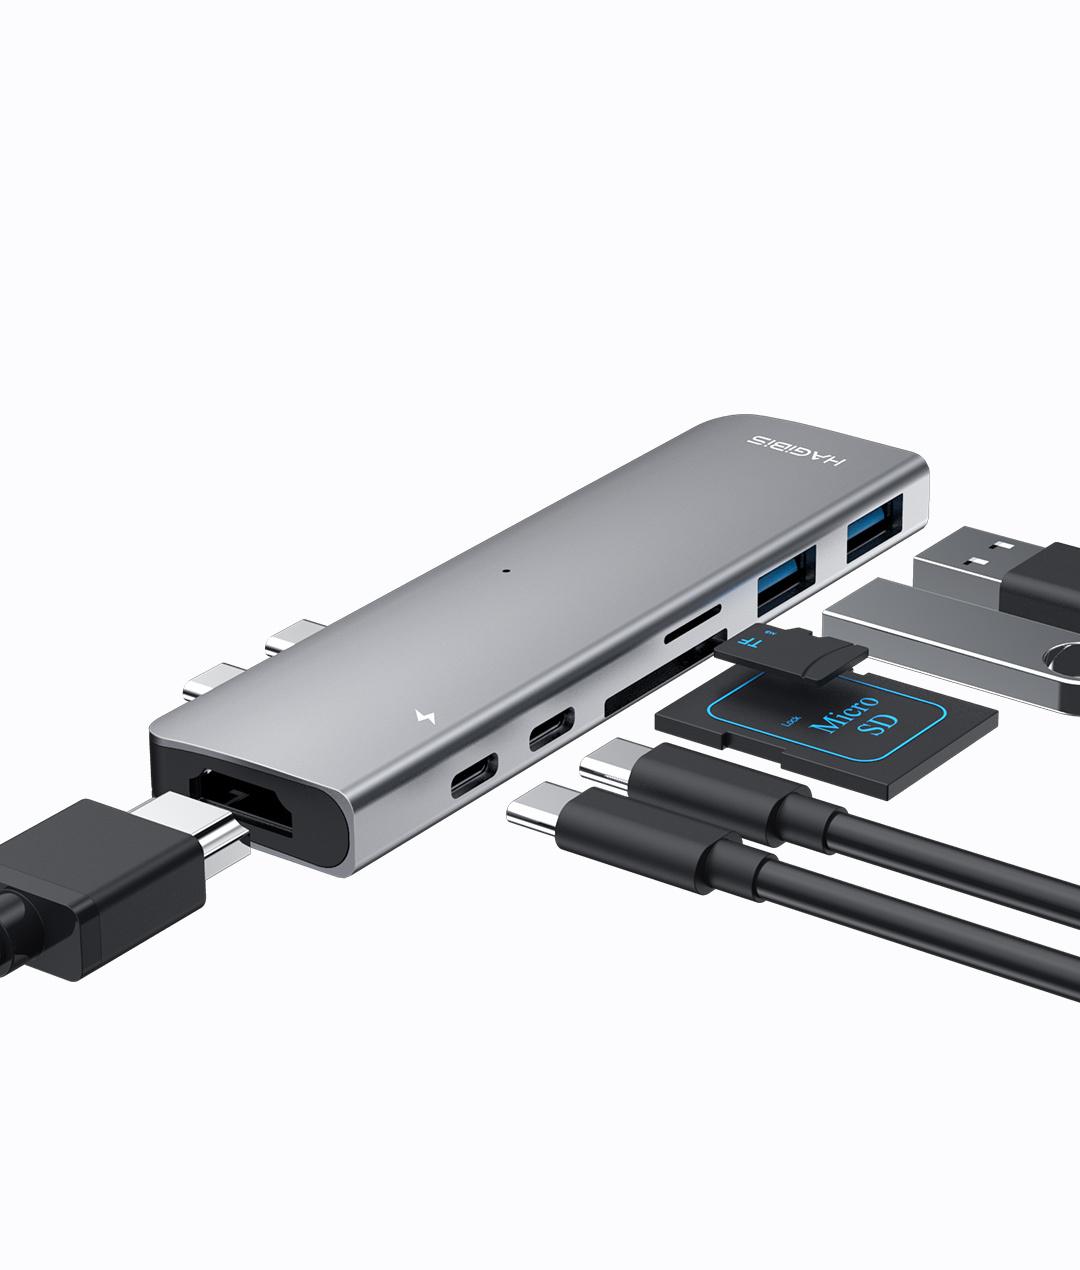 HAGIBIS 海备思 DC7 MacBook USB-C 多功能扩展坞